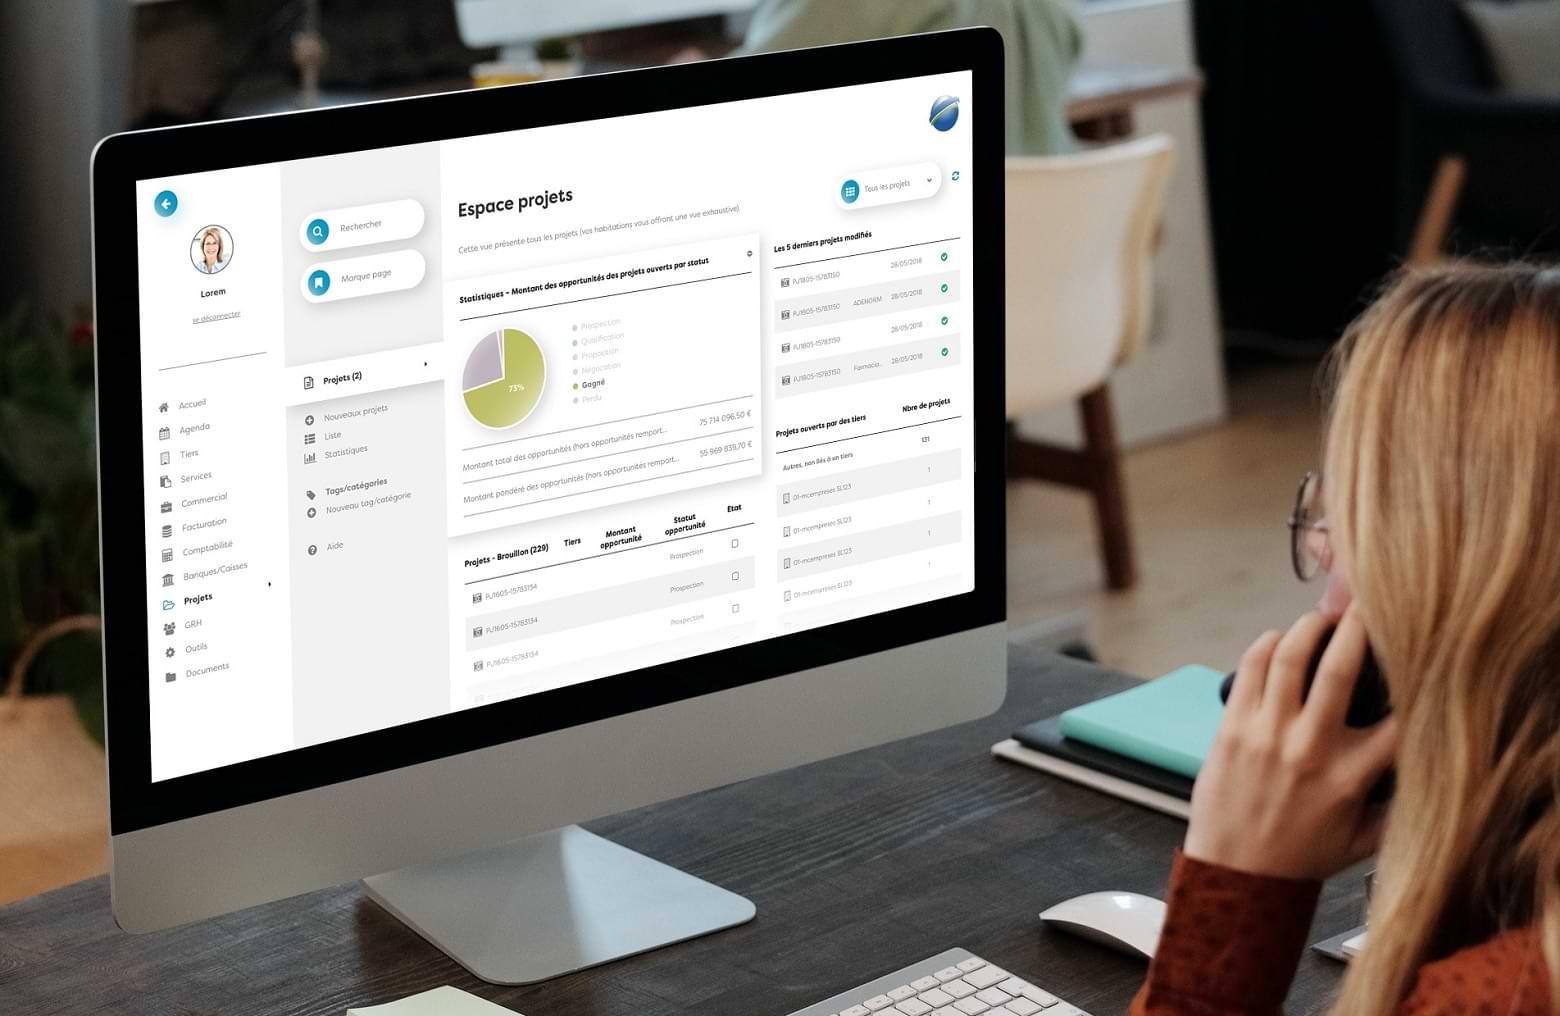 Design thinking & UI des interfaces CRM / ERP via le logiciel open source Dolibarr pour une entreprise de transport à Mazamet (Tarn) - Transport, logistique, livraison, mobilité.